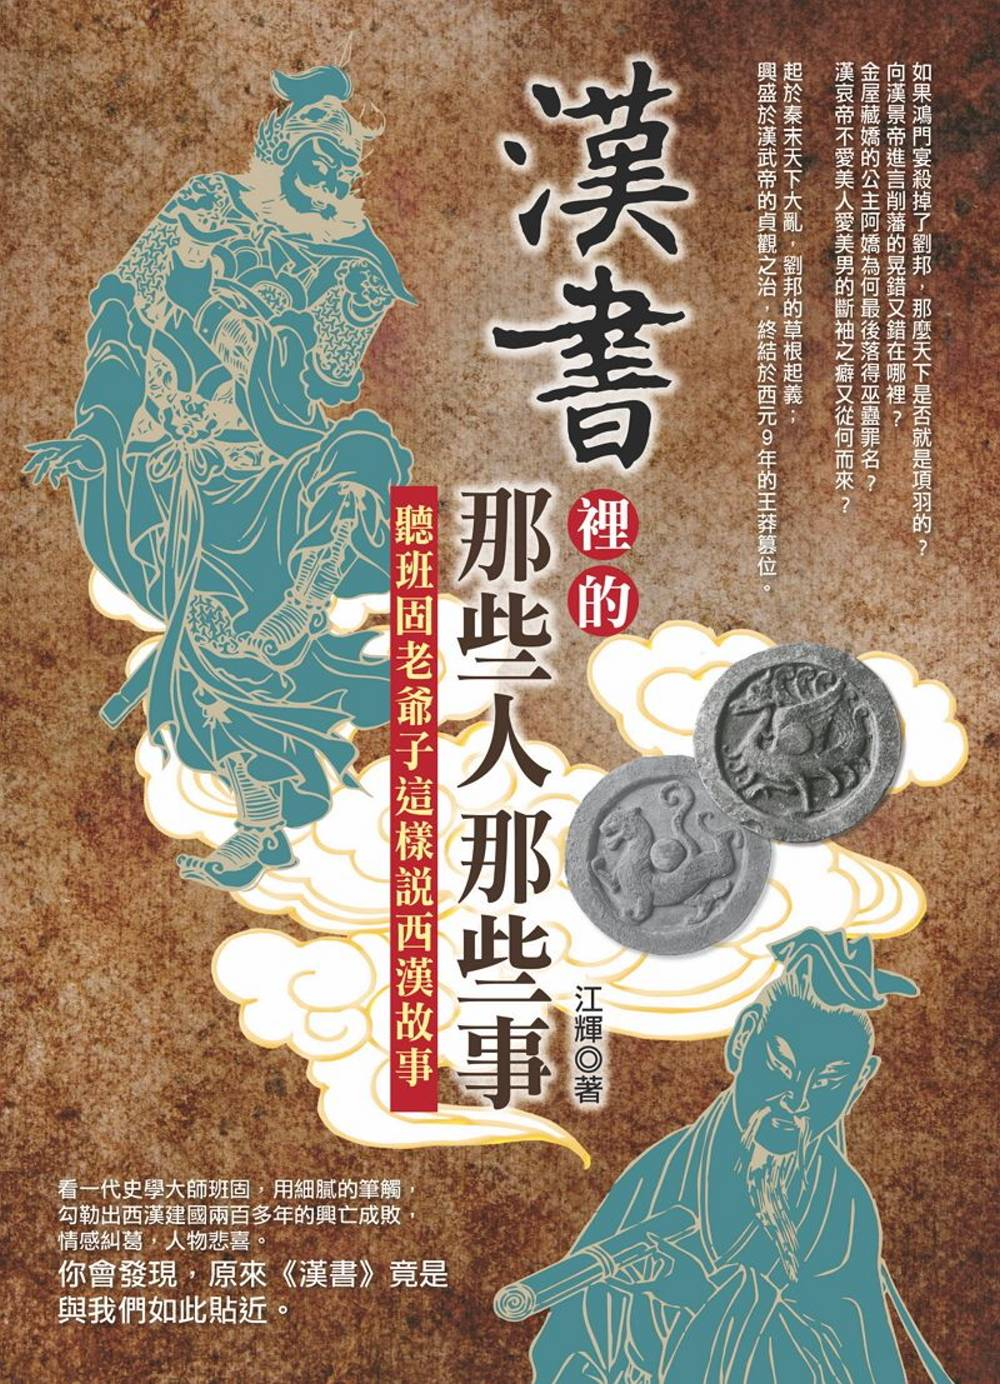 漢書裡的那些人那些事:聽班固老爺子這樣說西漢故事